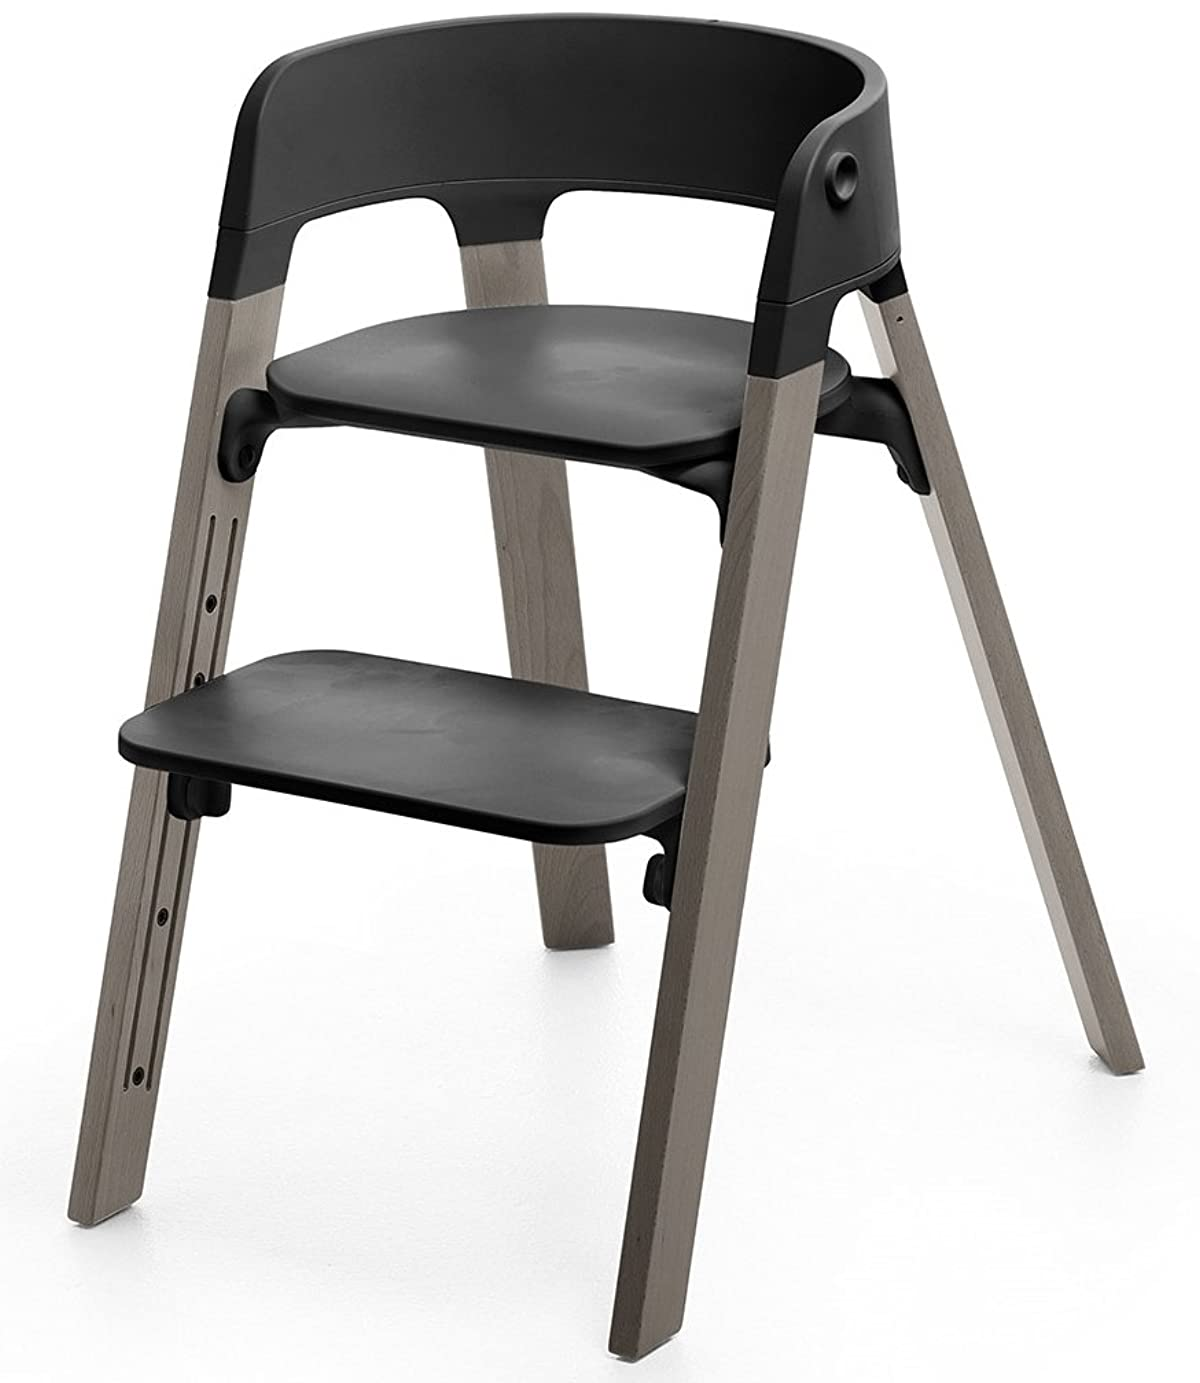 陪審農業の深さ[リエンダー] Leander High chair ハイチェア Natural [並行輸入品]